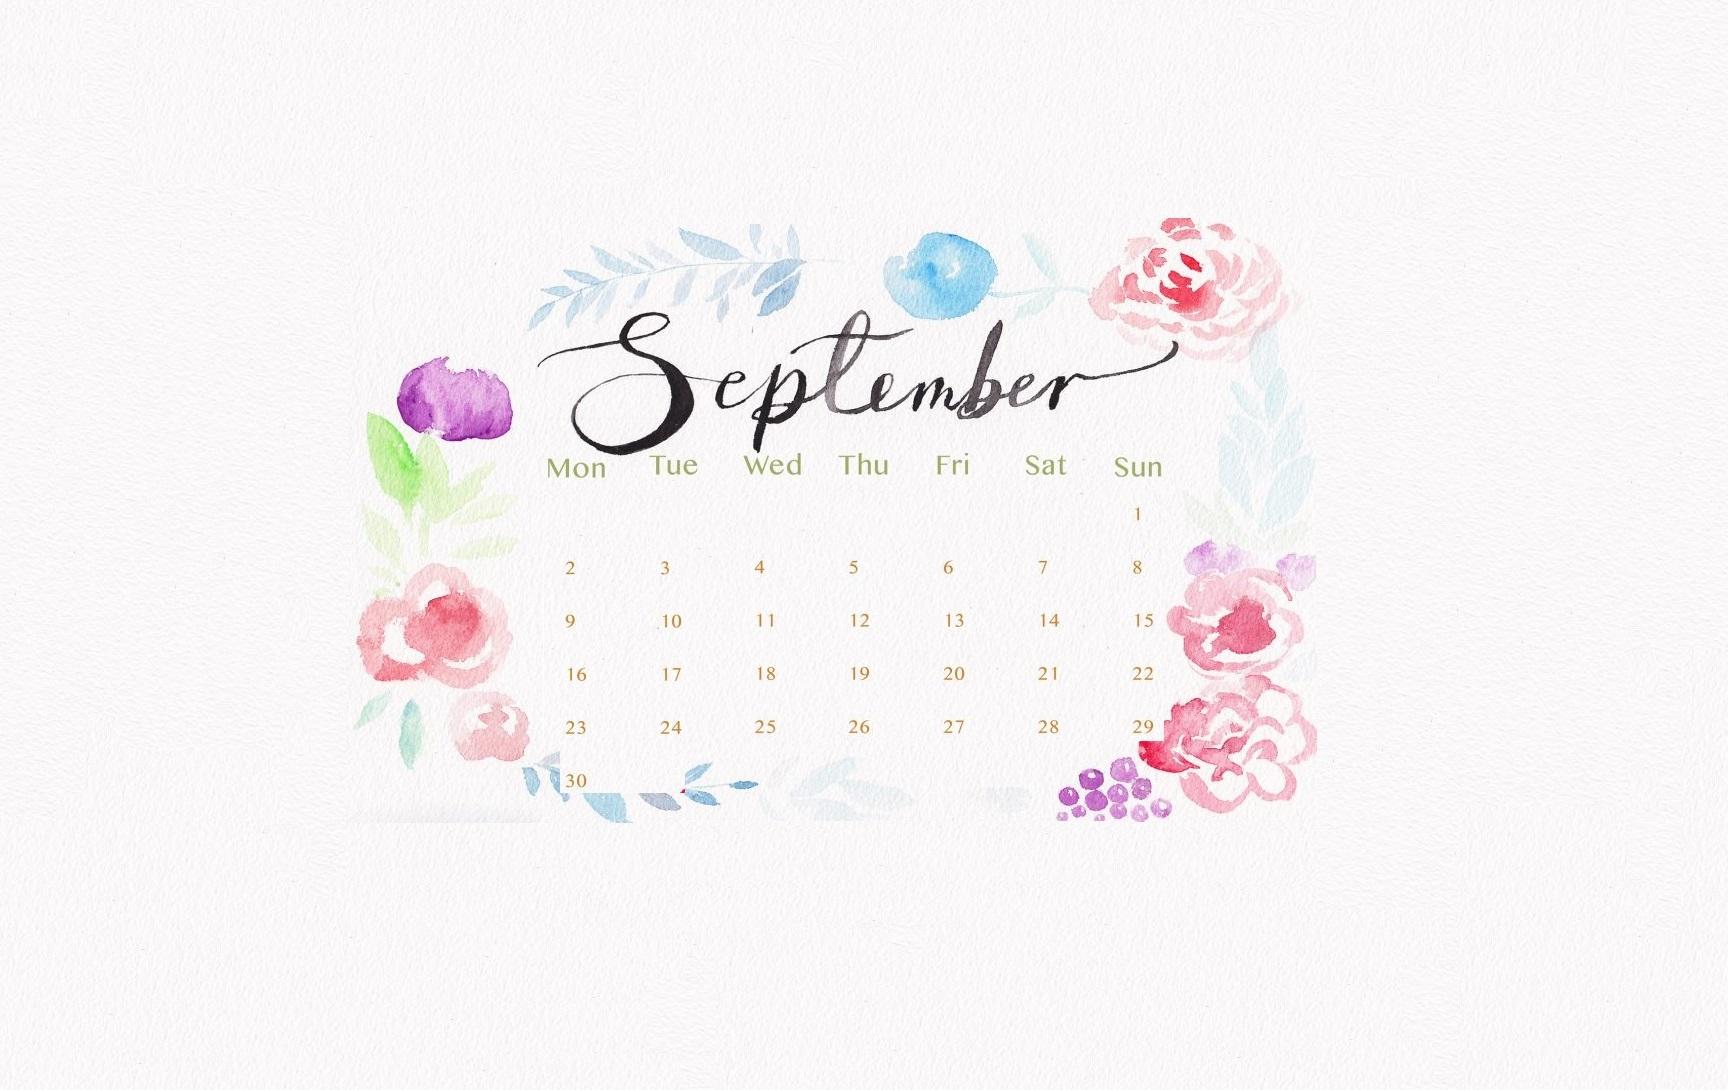 September 2019 Desktop Background Calendar Wallpaper 1728x1090